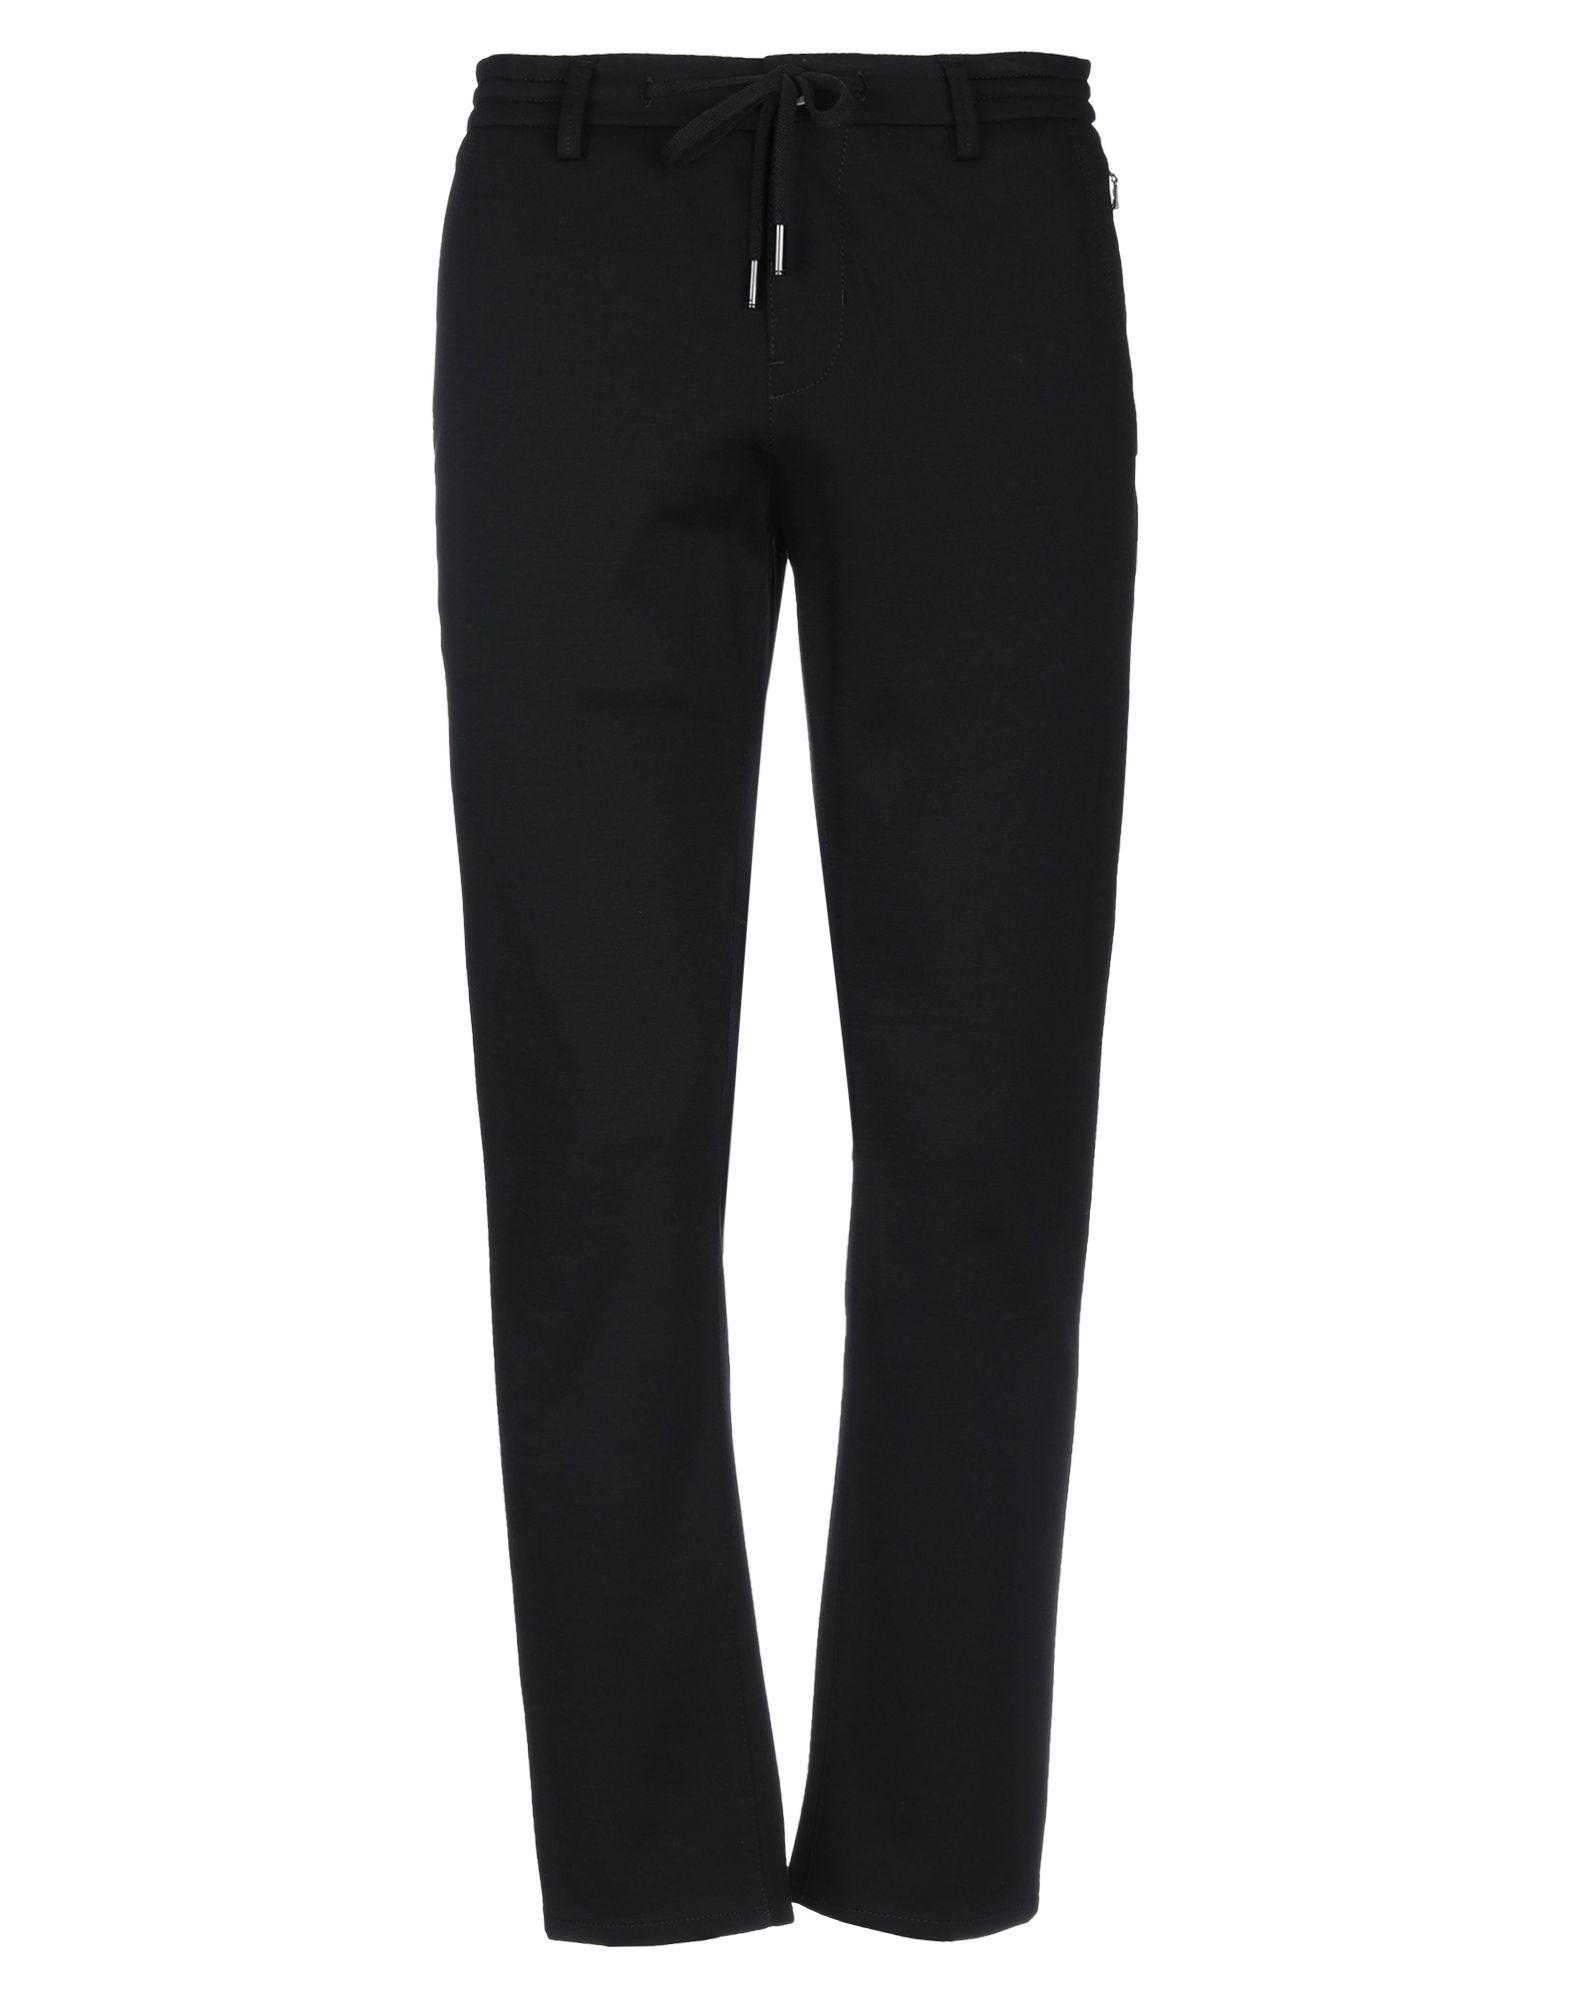 BOGNER Повседневные брюки брюки мужские anthony bogner page 1